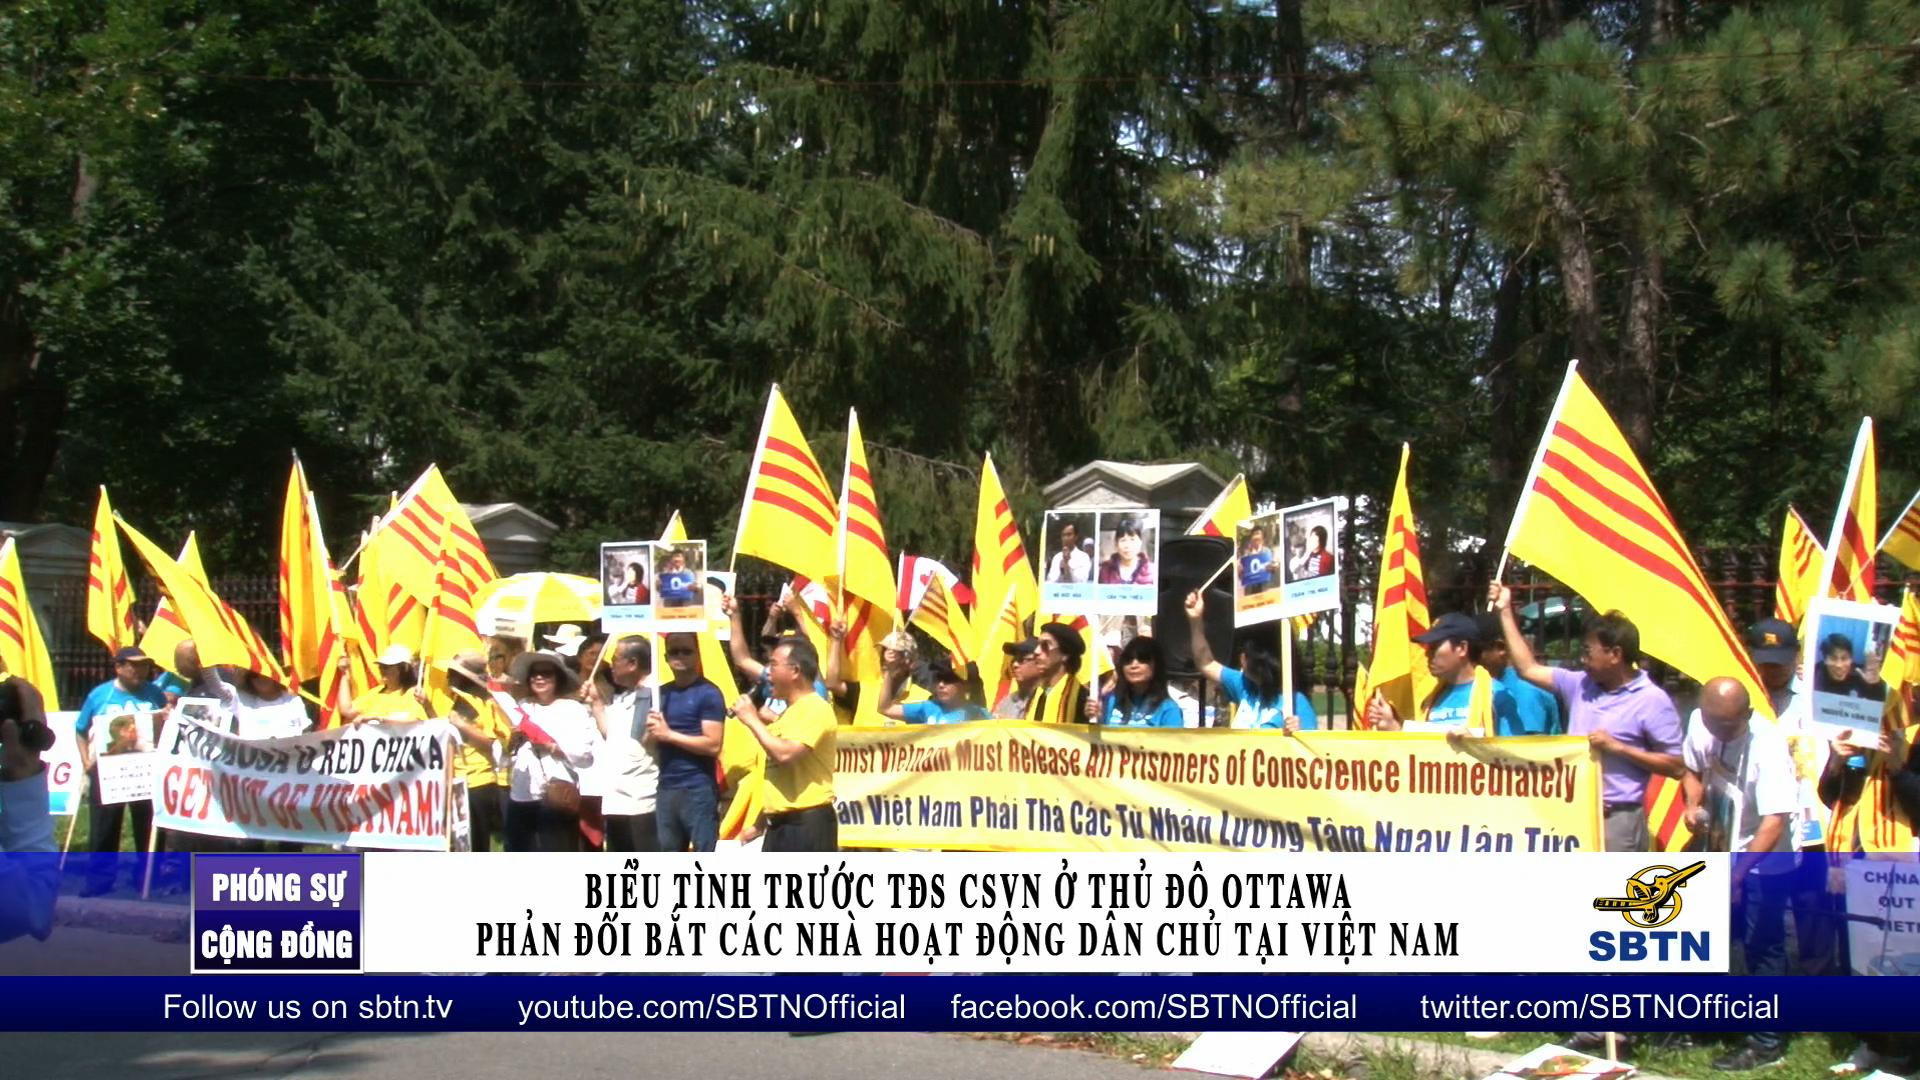 Biểu tình phản đối bắt các nhà hoạt động dân chủ tại VN ở Canada